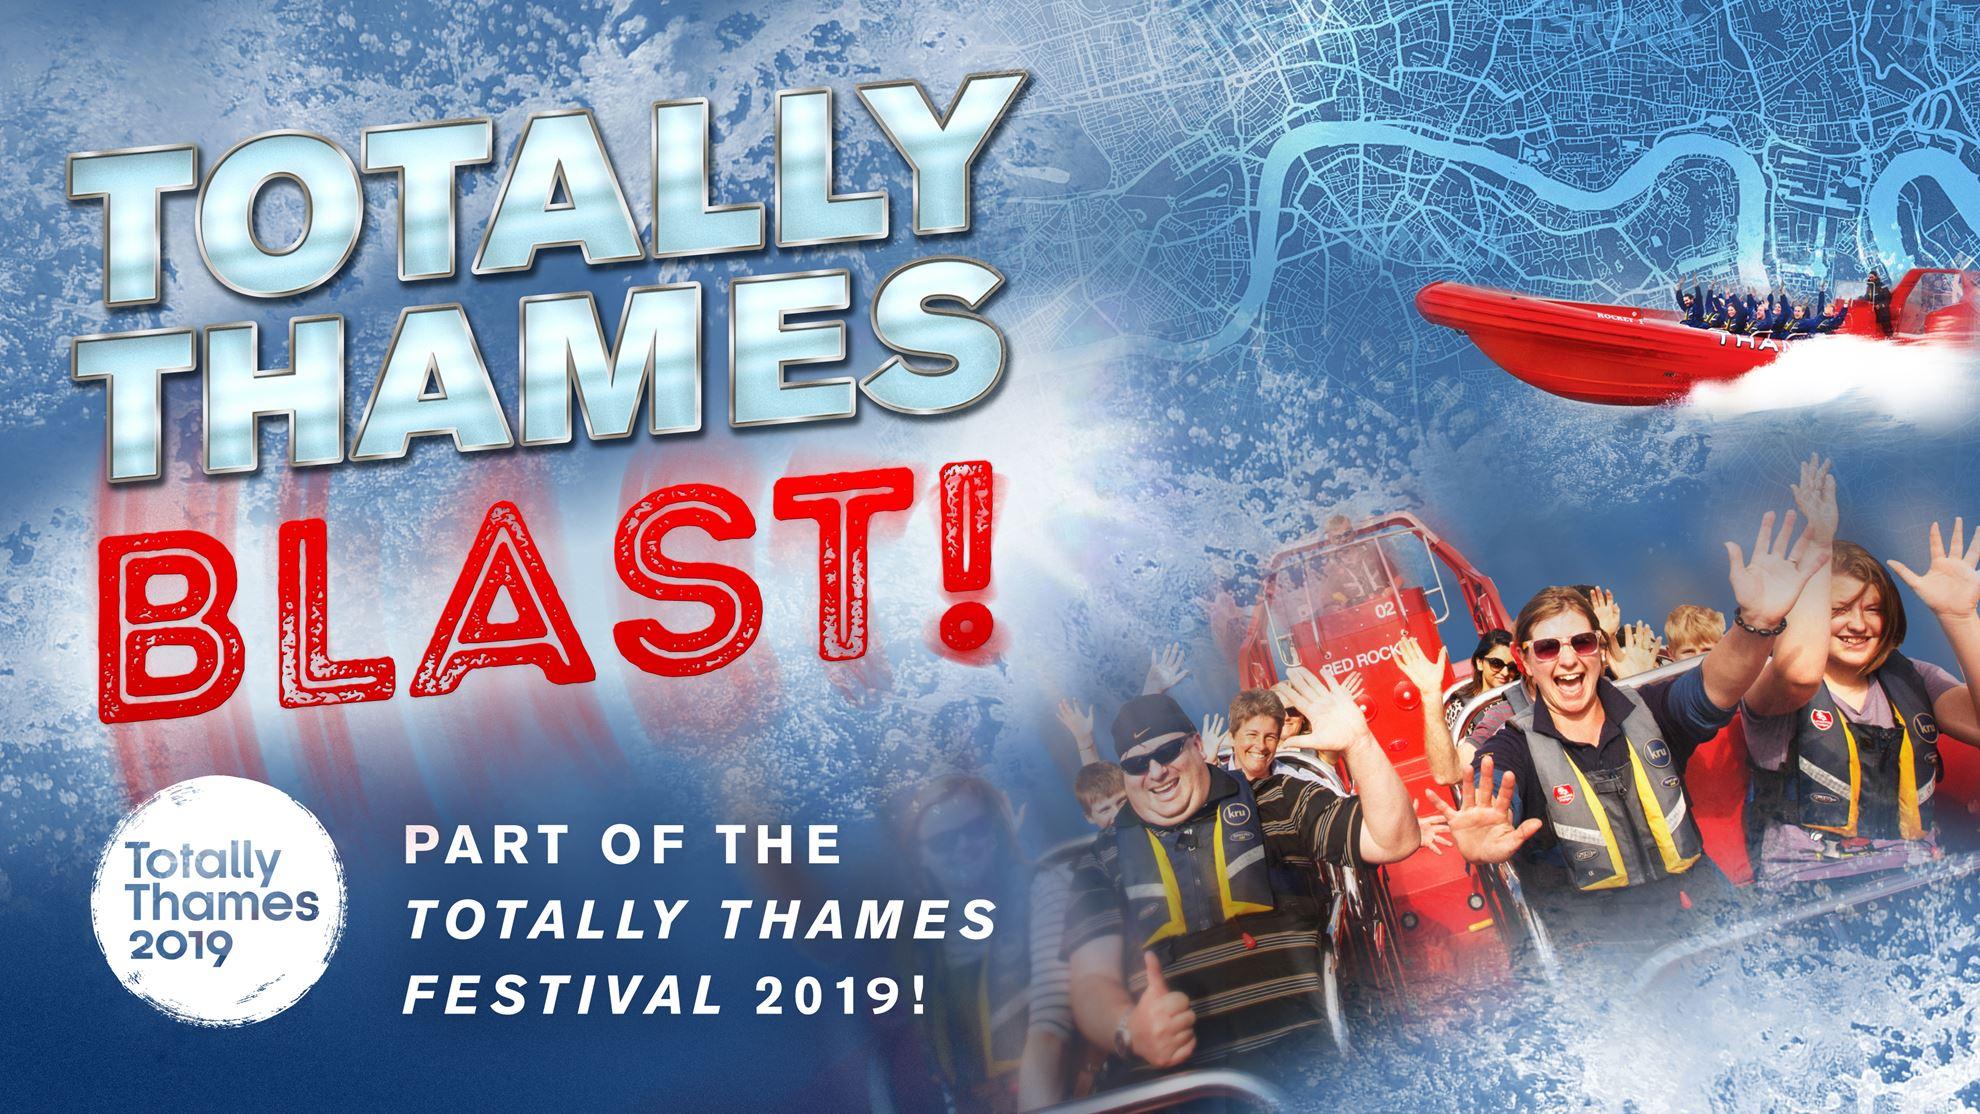 Totally Thames Blast